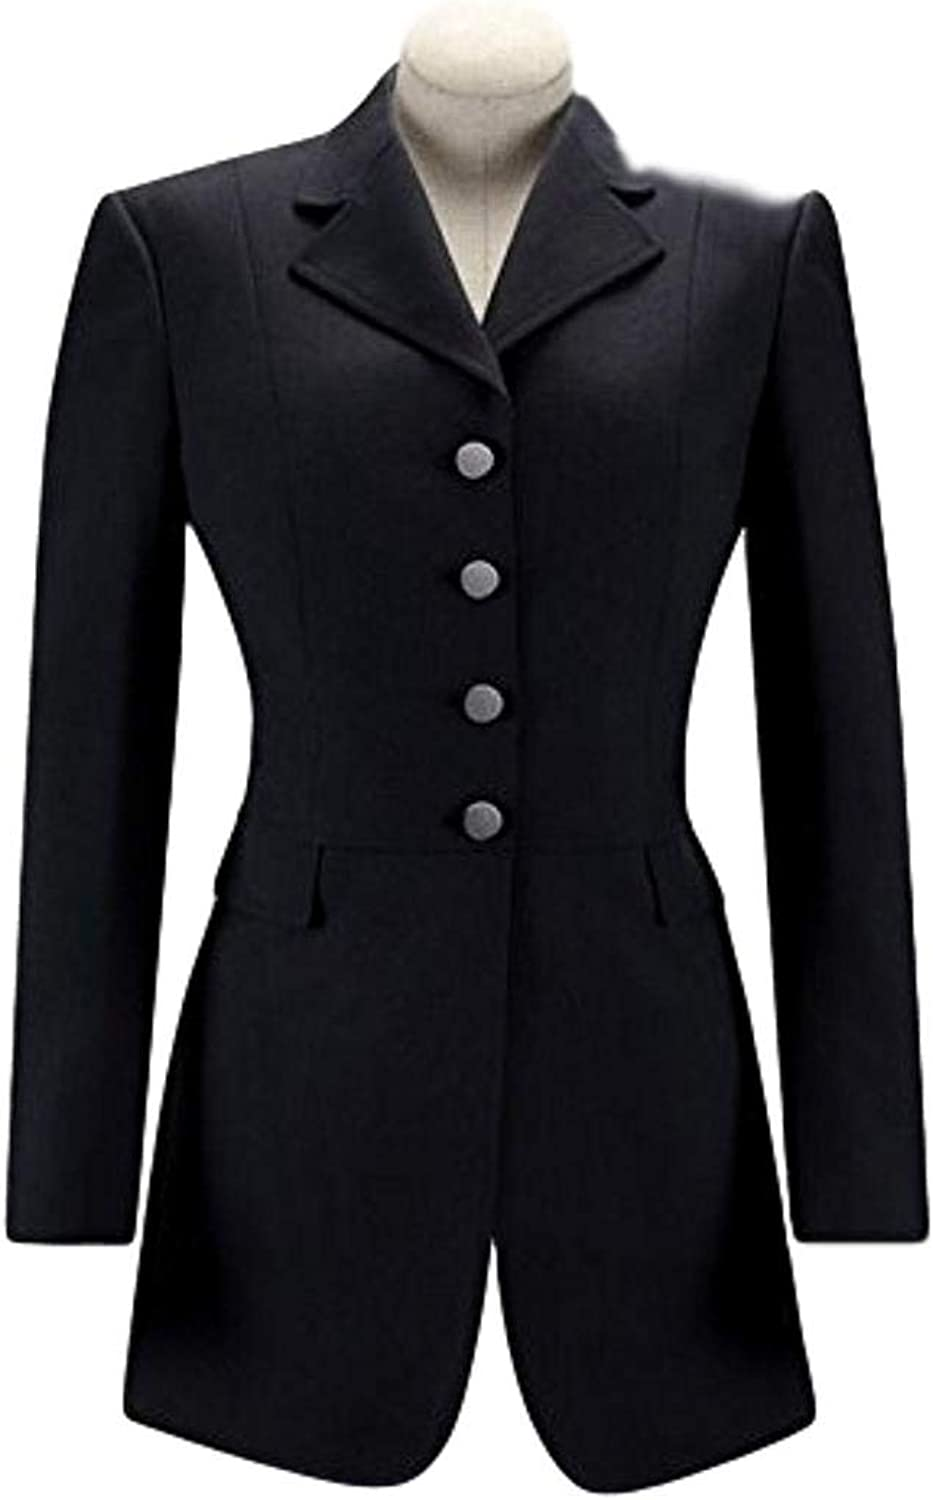 RJ Classics Essential Dressage Frock Coat  Black  Size 8 Short